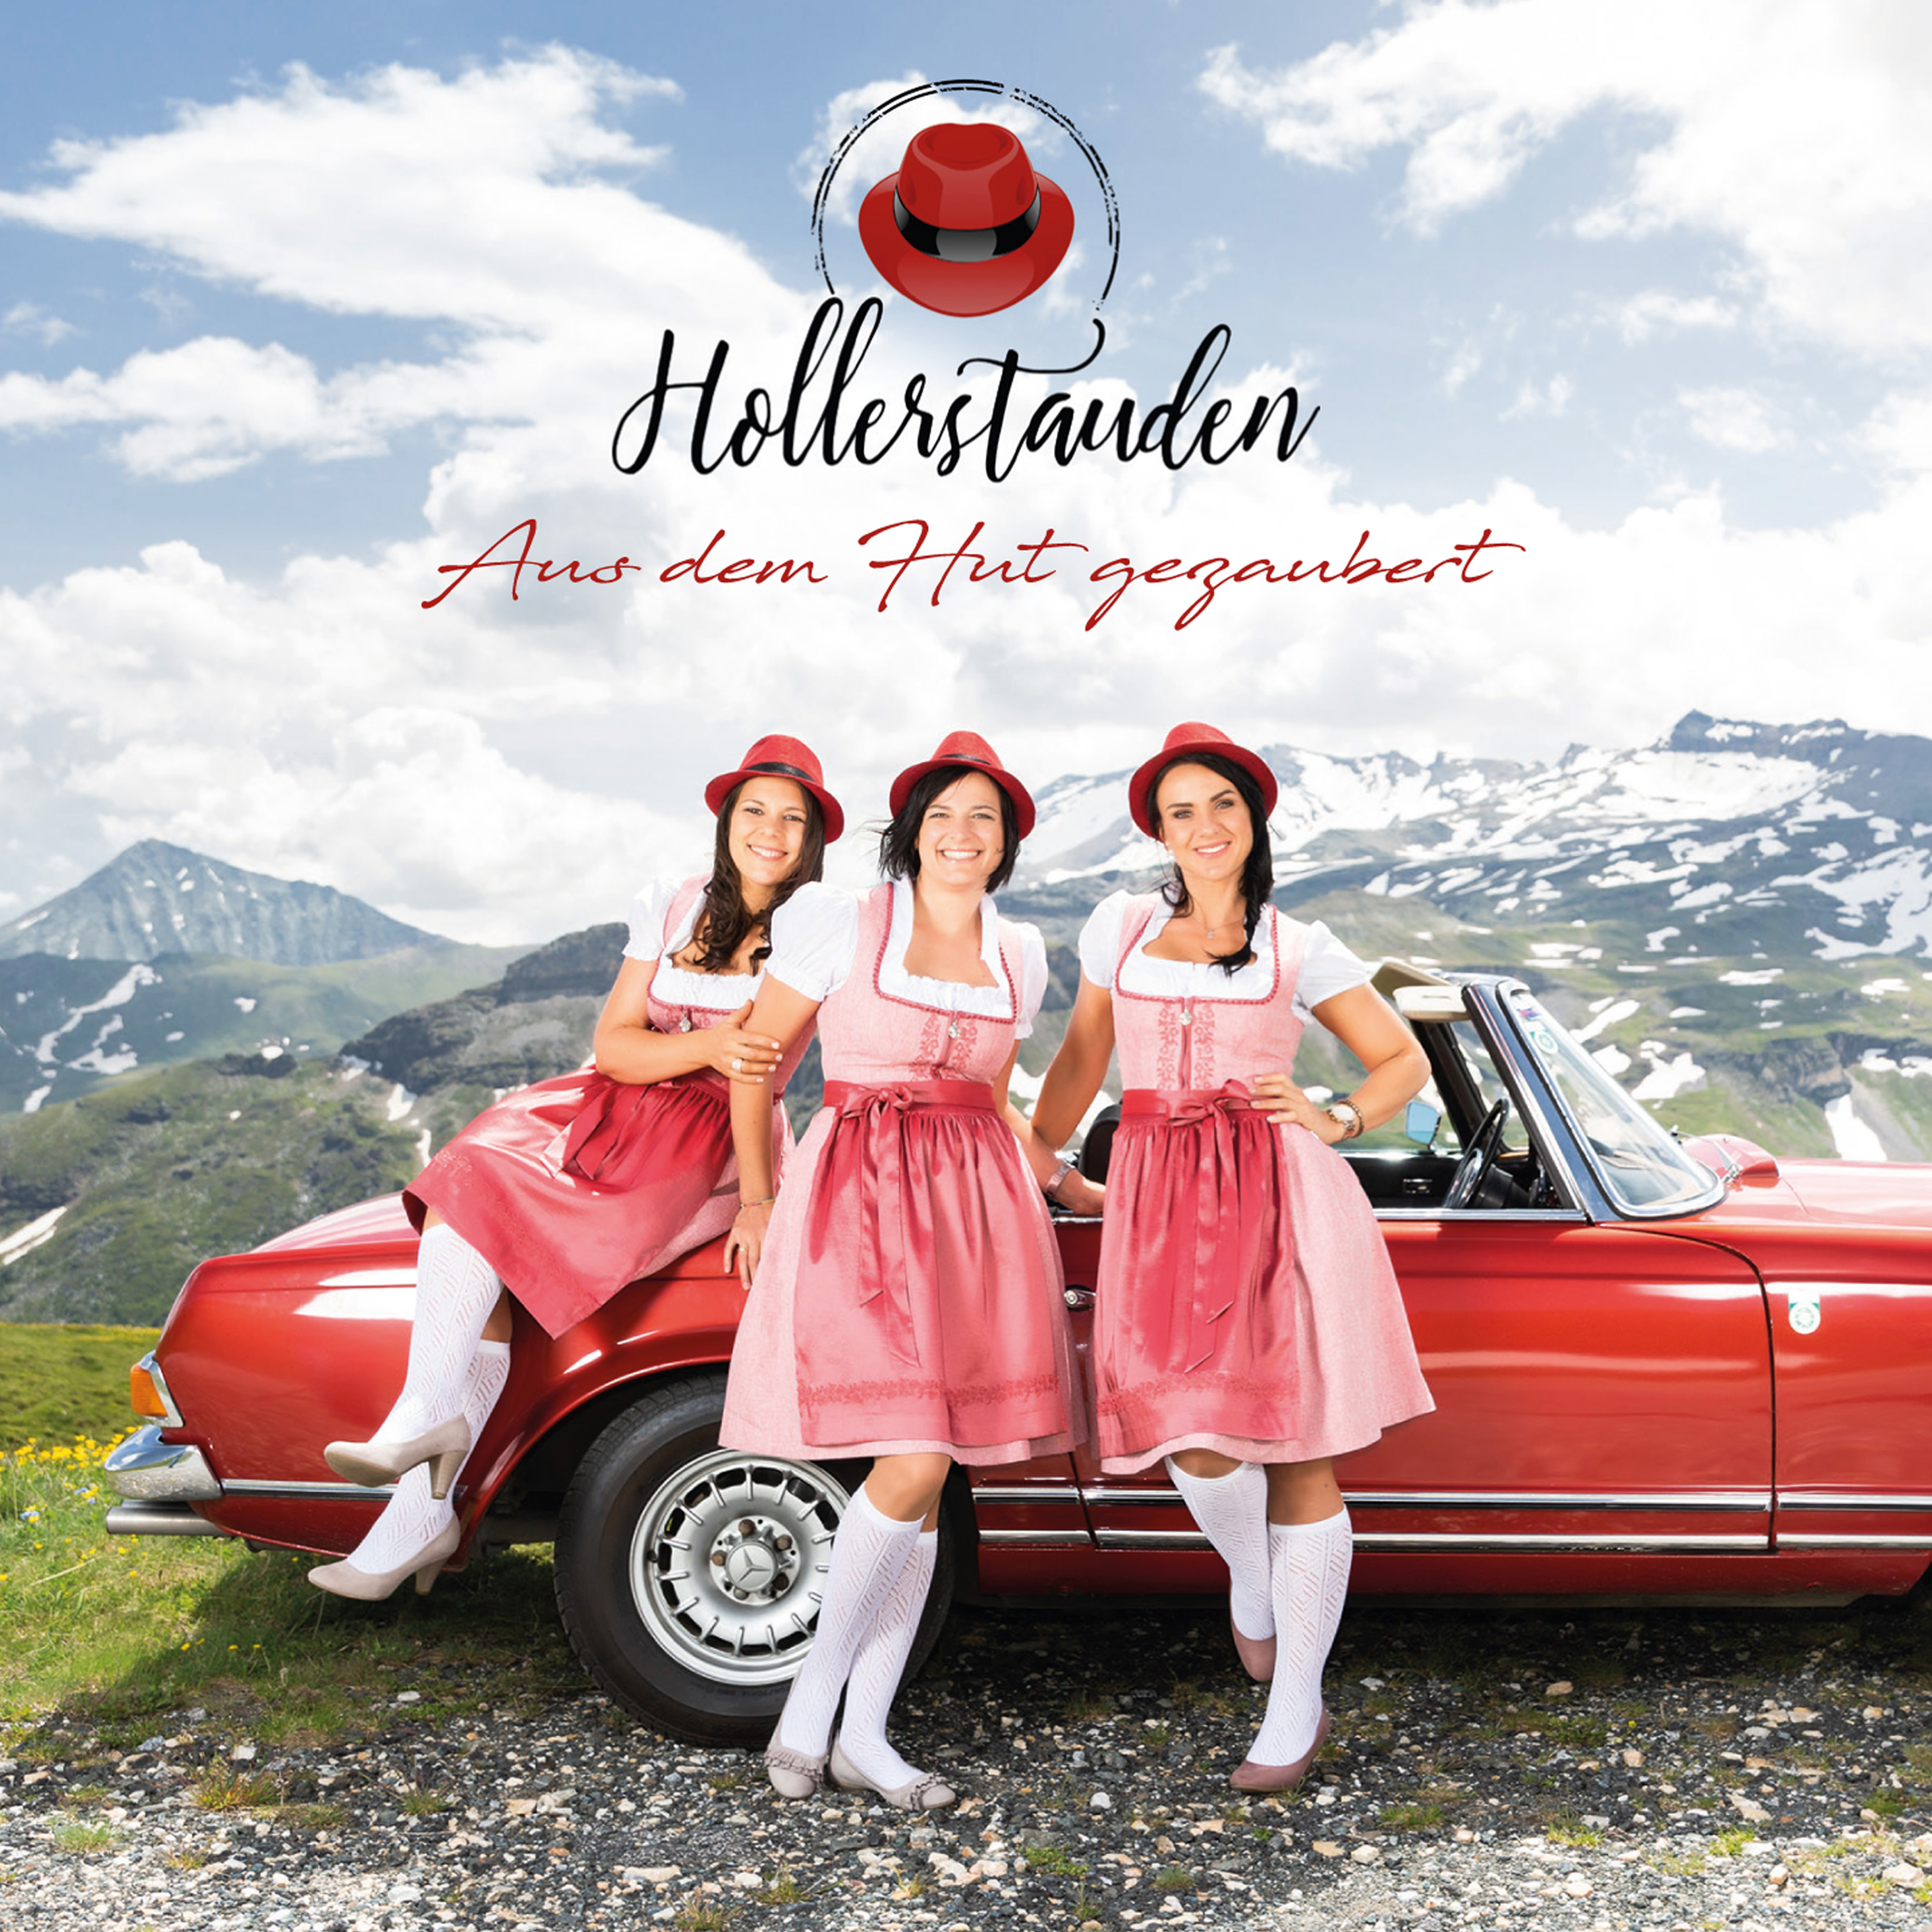 DIE HOLLERSTAUDEN - Aus dem Hut gezaubert (CD)